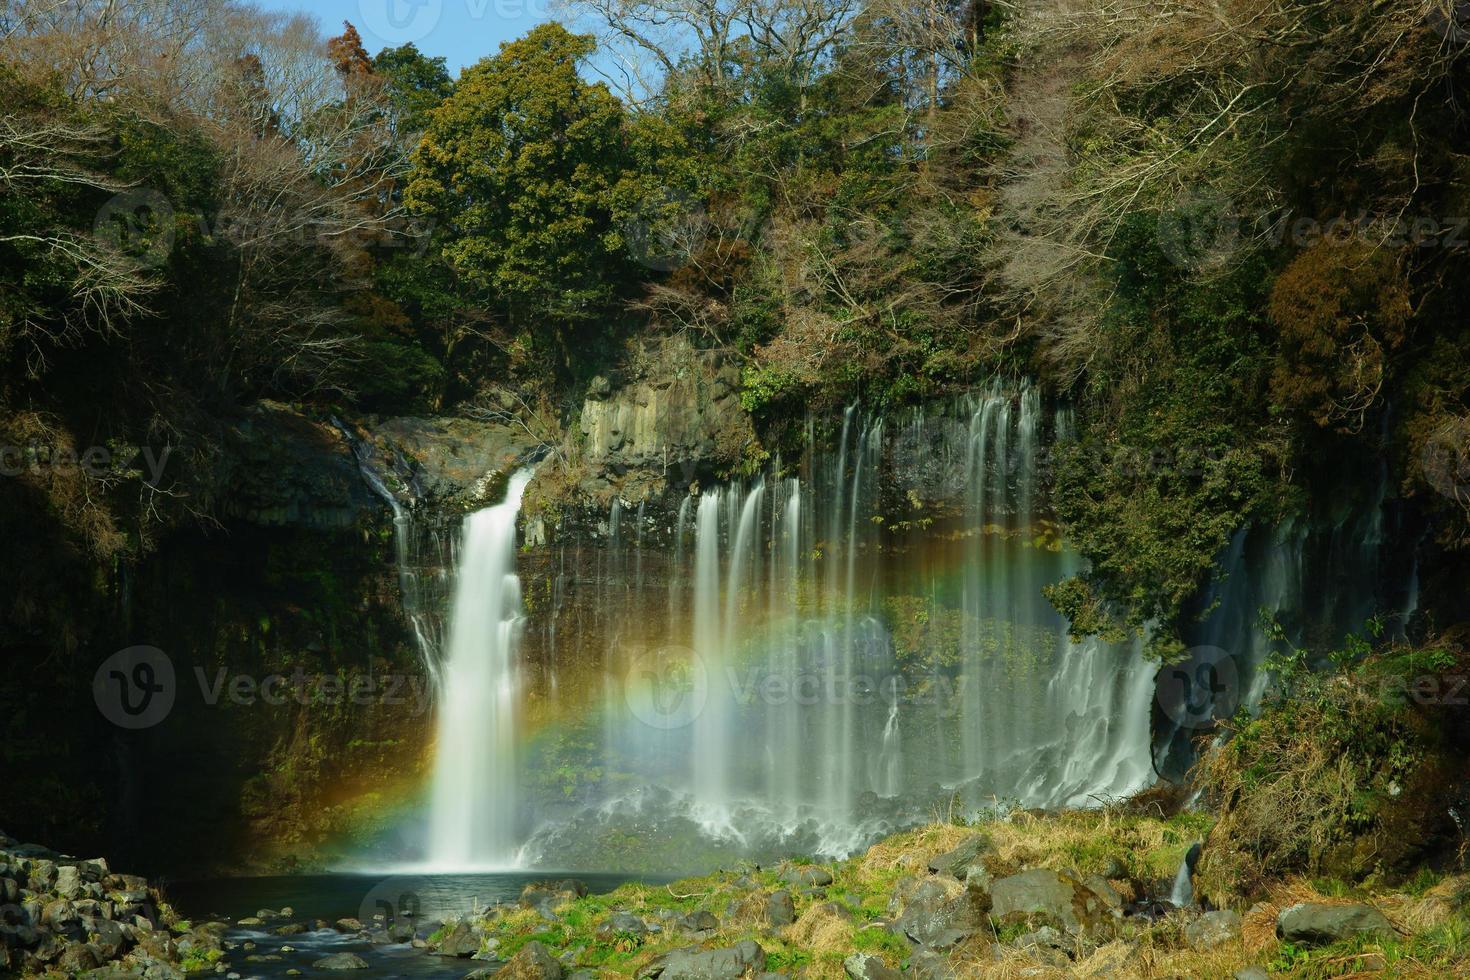 turistmål i Japan foto